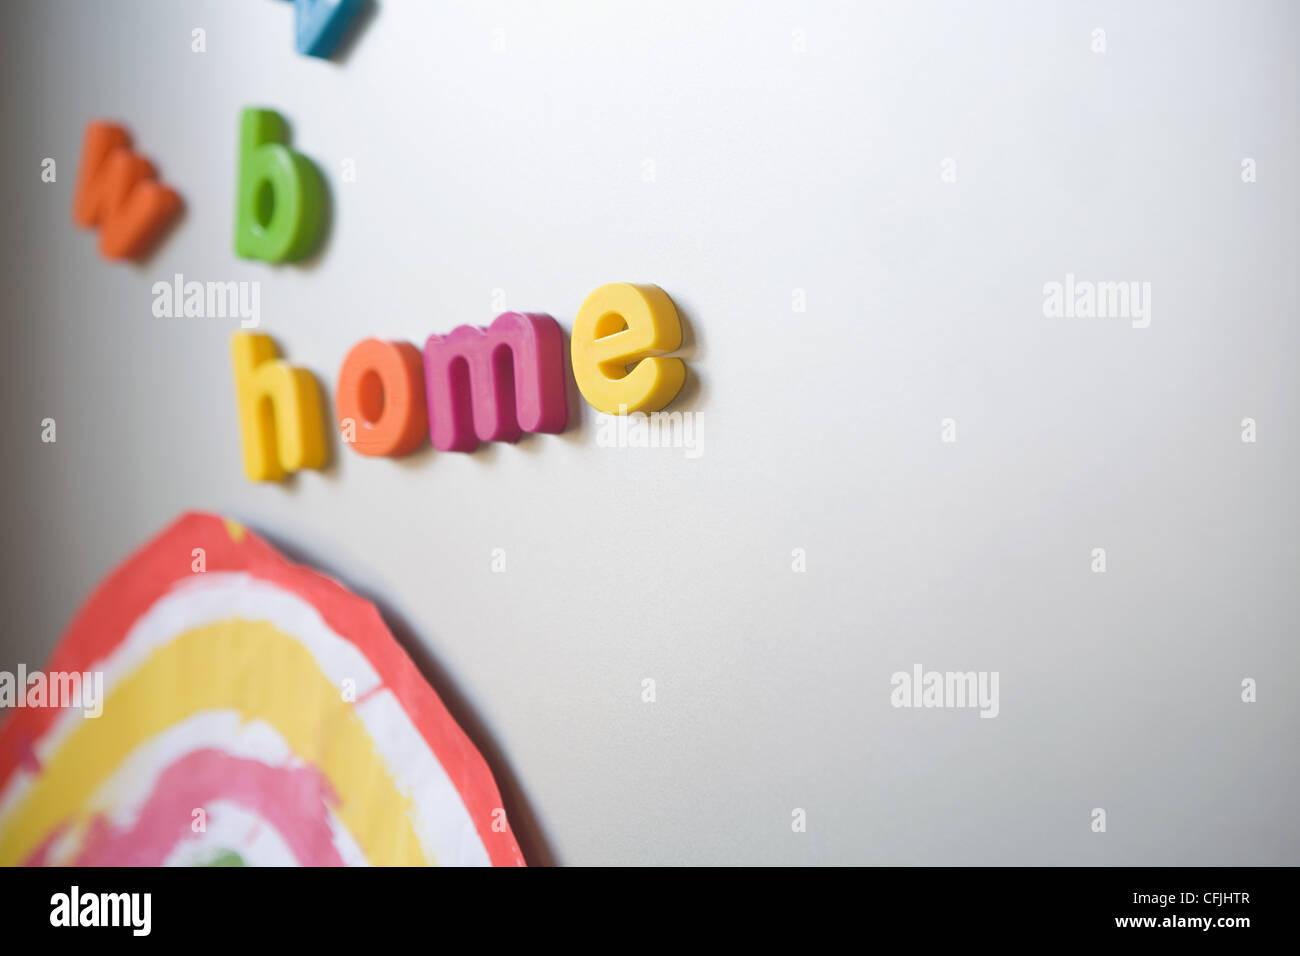 L'orthographe des lettres sur 'Accueil' famille réfrigérateur Photo Stock